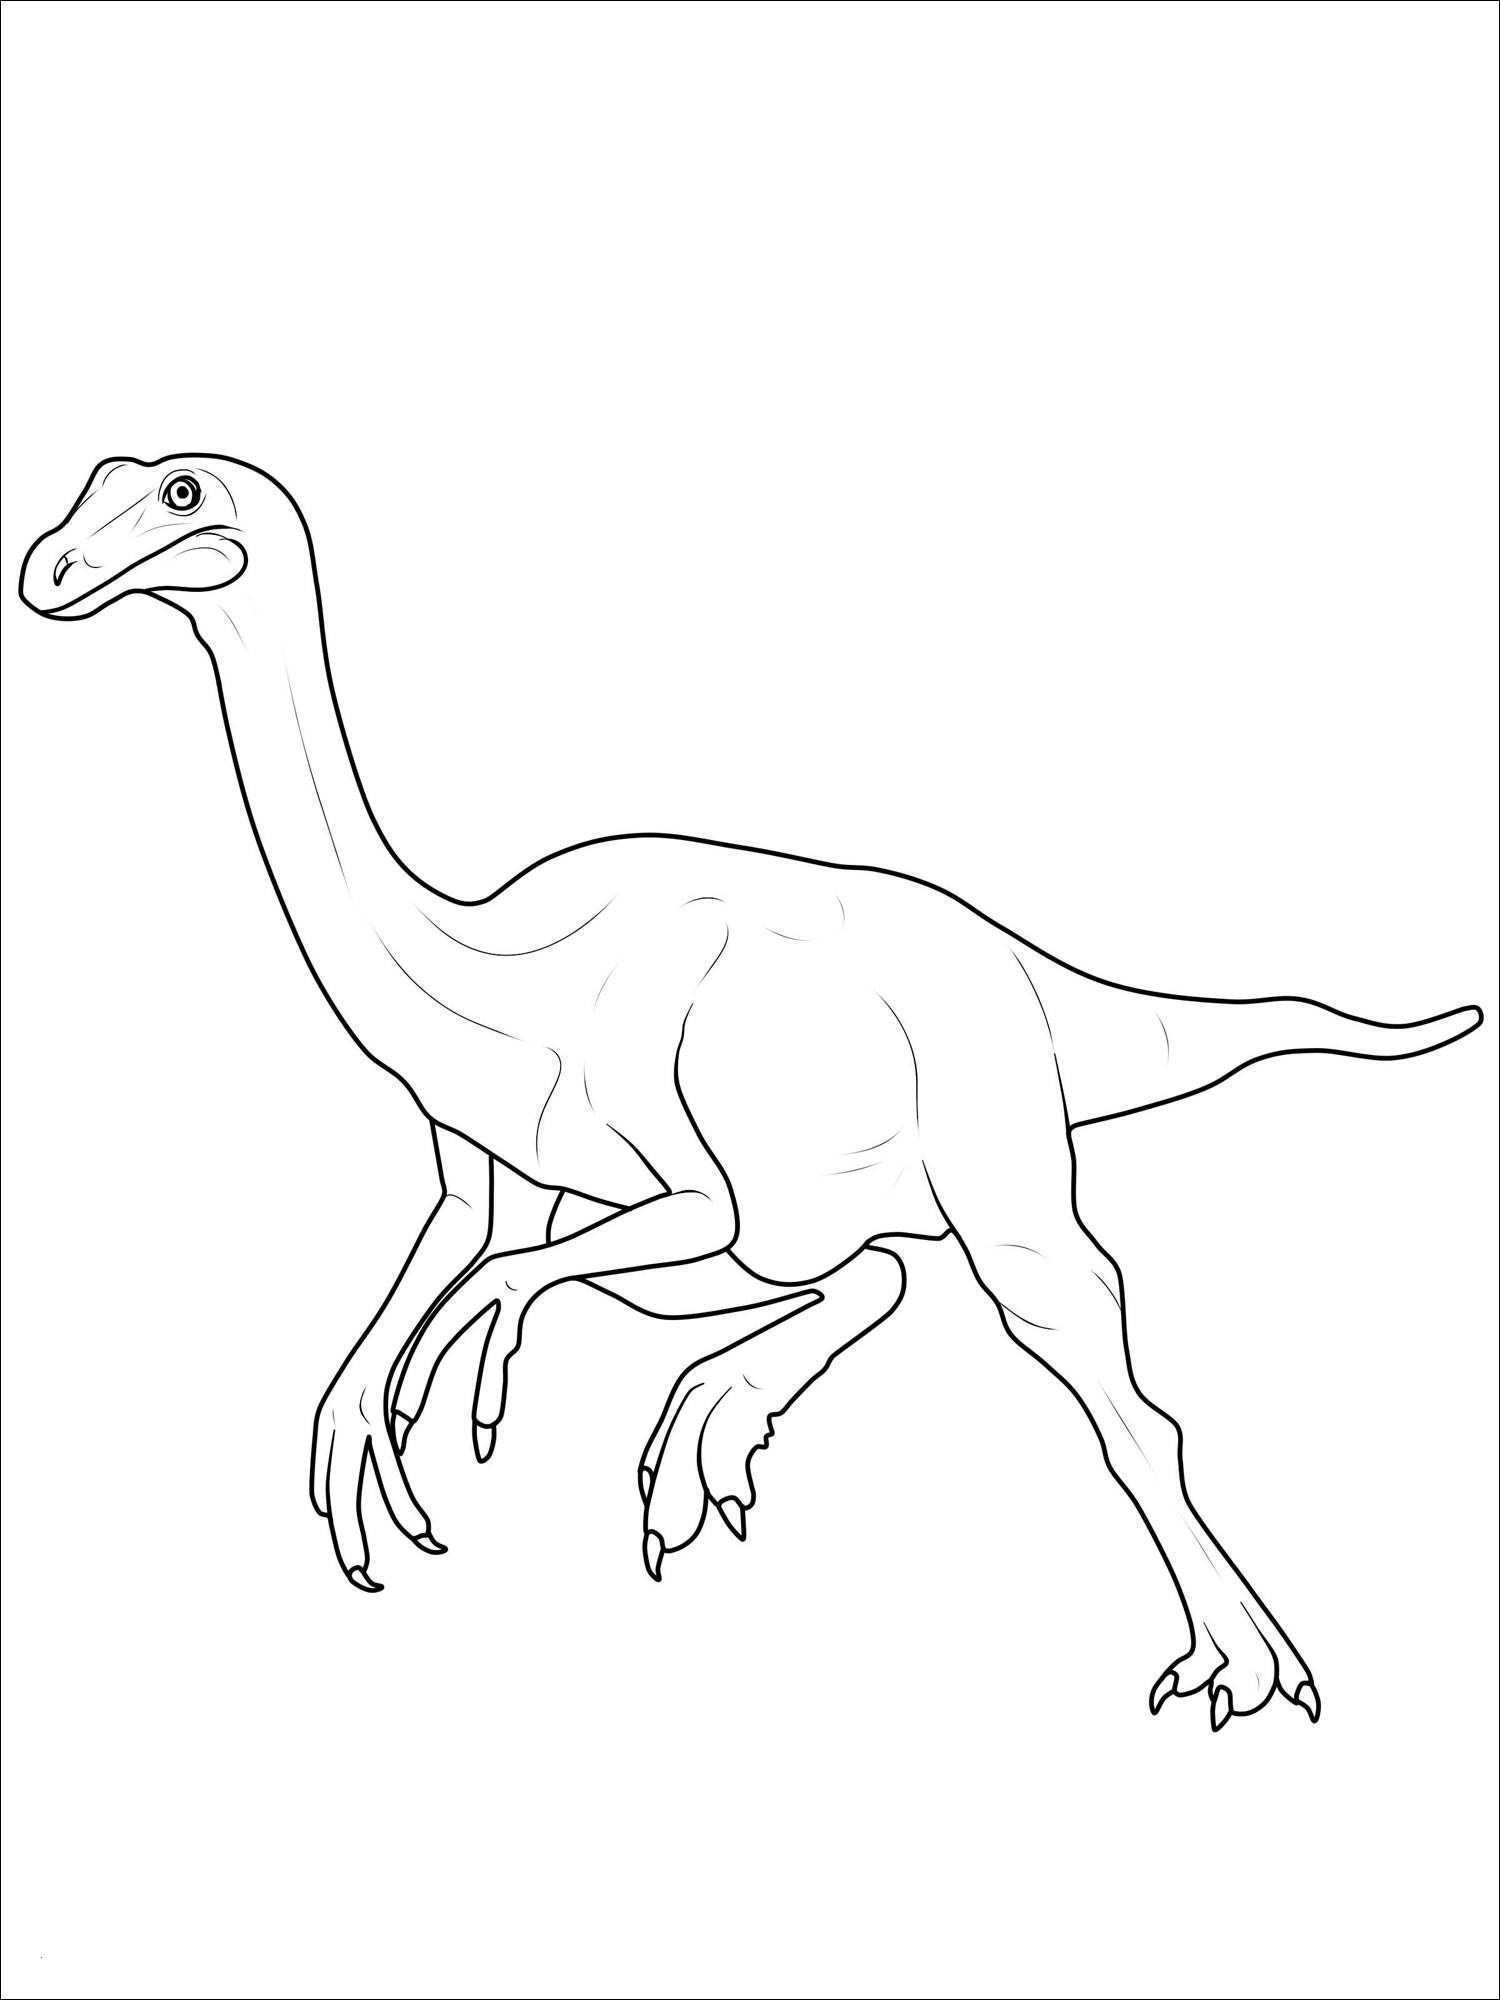 Ausmalbilder Dinosaurier In Einem Land Vor Unserer Zeit Genial Ausmalbilder Dinos Kostenlos Vorstellung Ausmalbilder Weihnachten Fotos